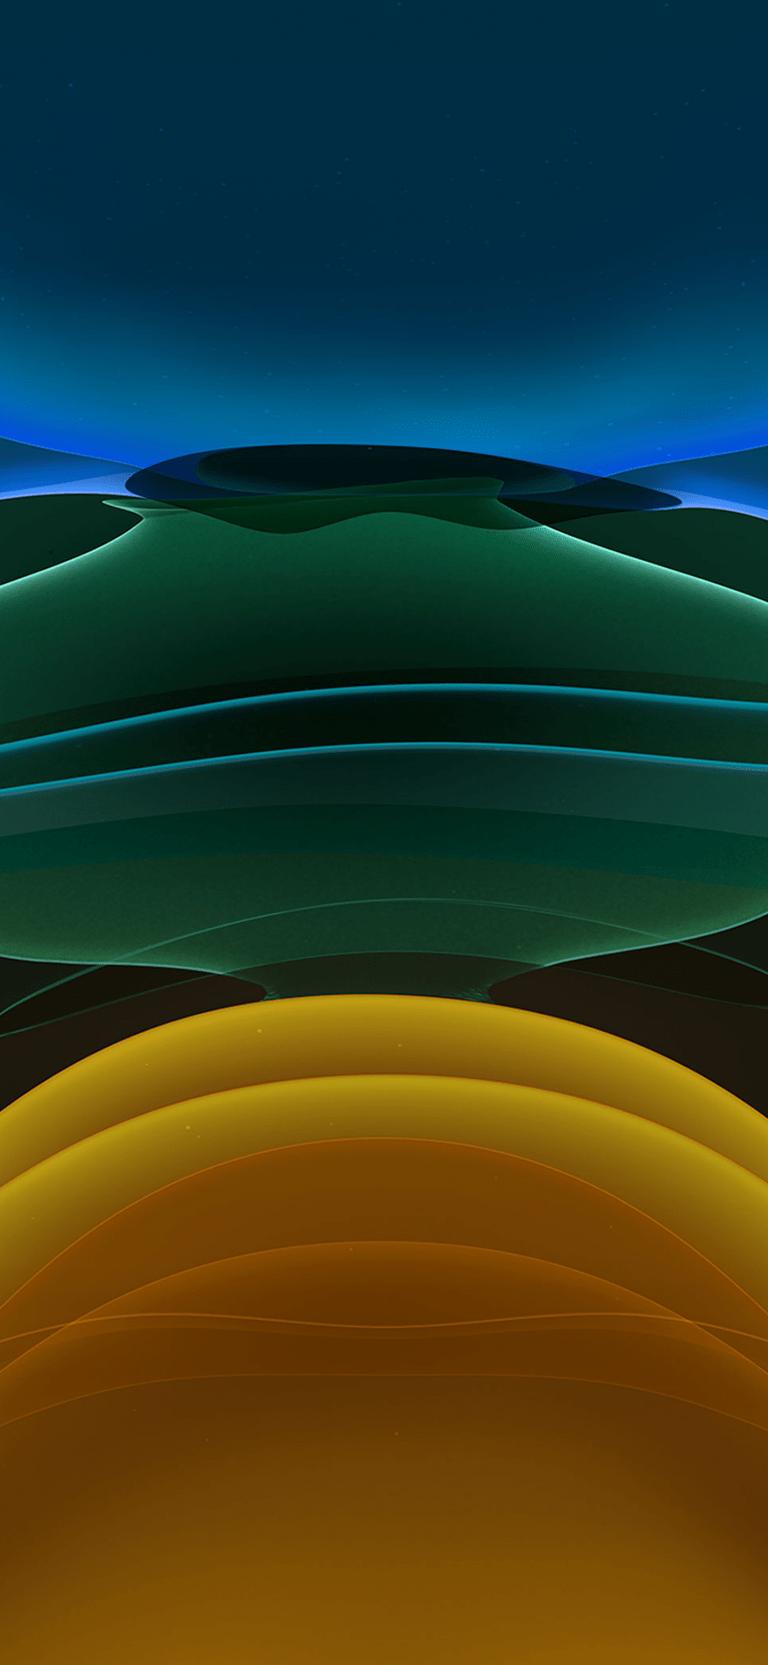 تصویر زمینه و والپیپر های آیفون 11 و آیفون 11 پرو